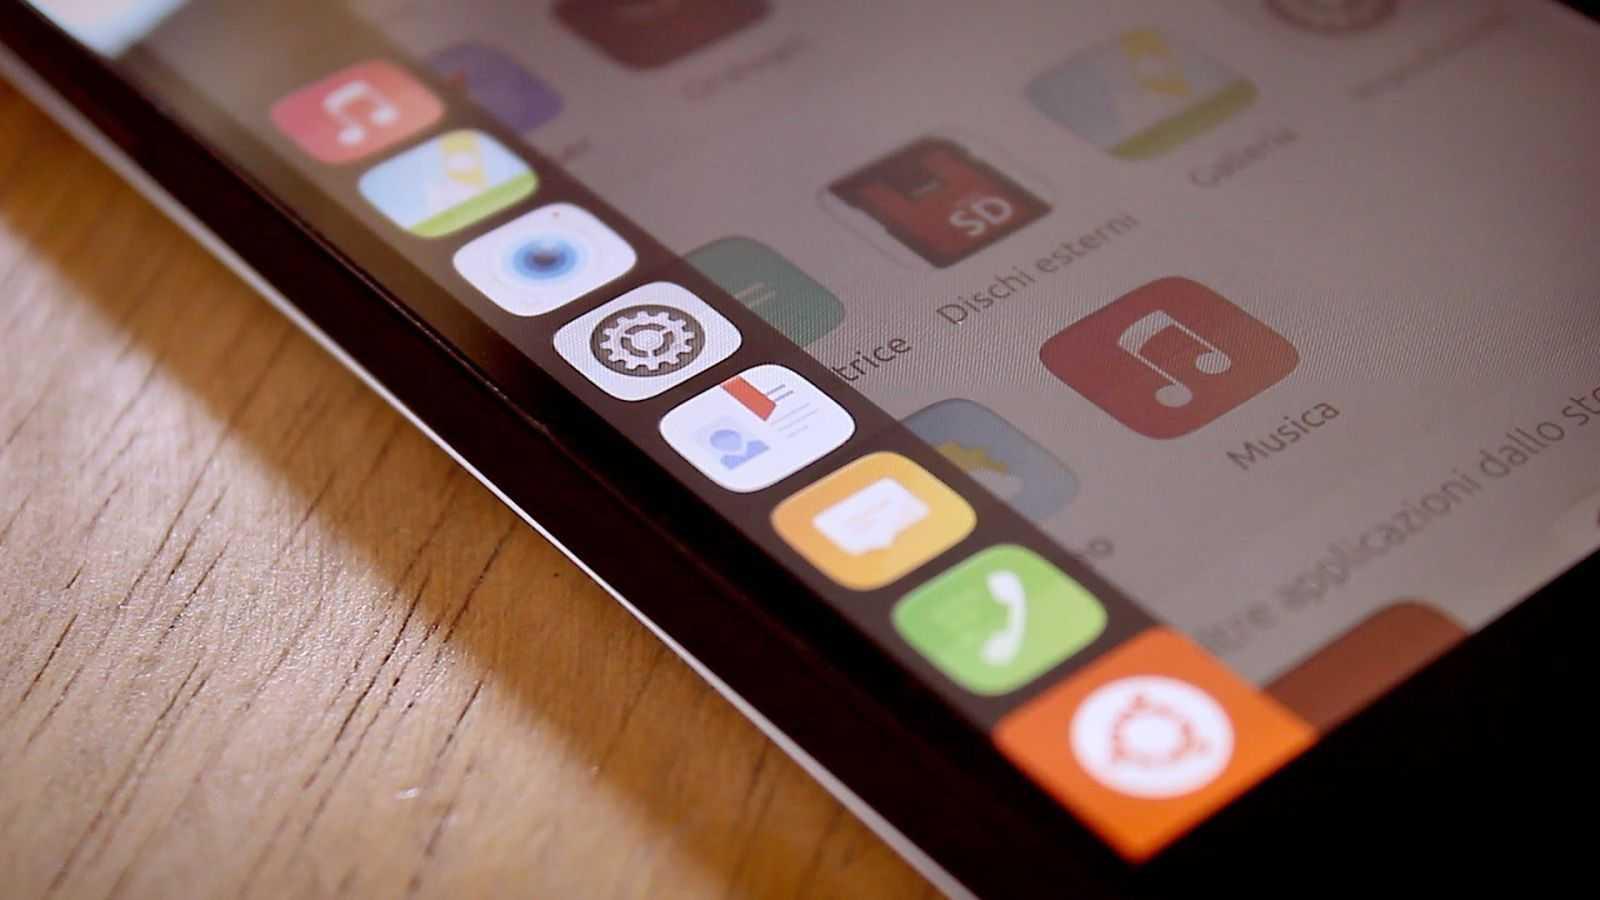 maxresdefault 3 - Мобильной Ubuntu больше не будет. Canonical возвращает GNOME